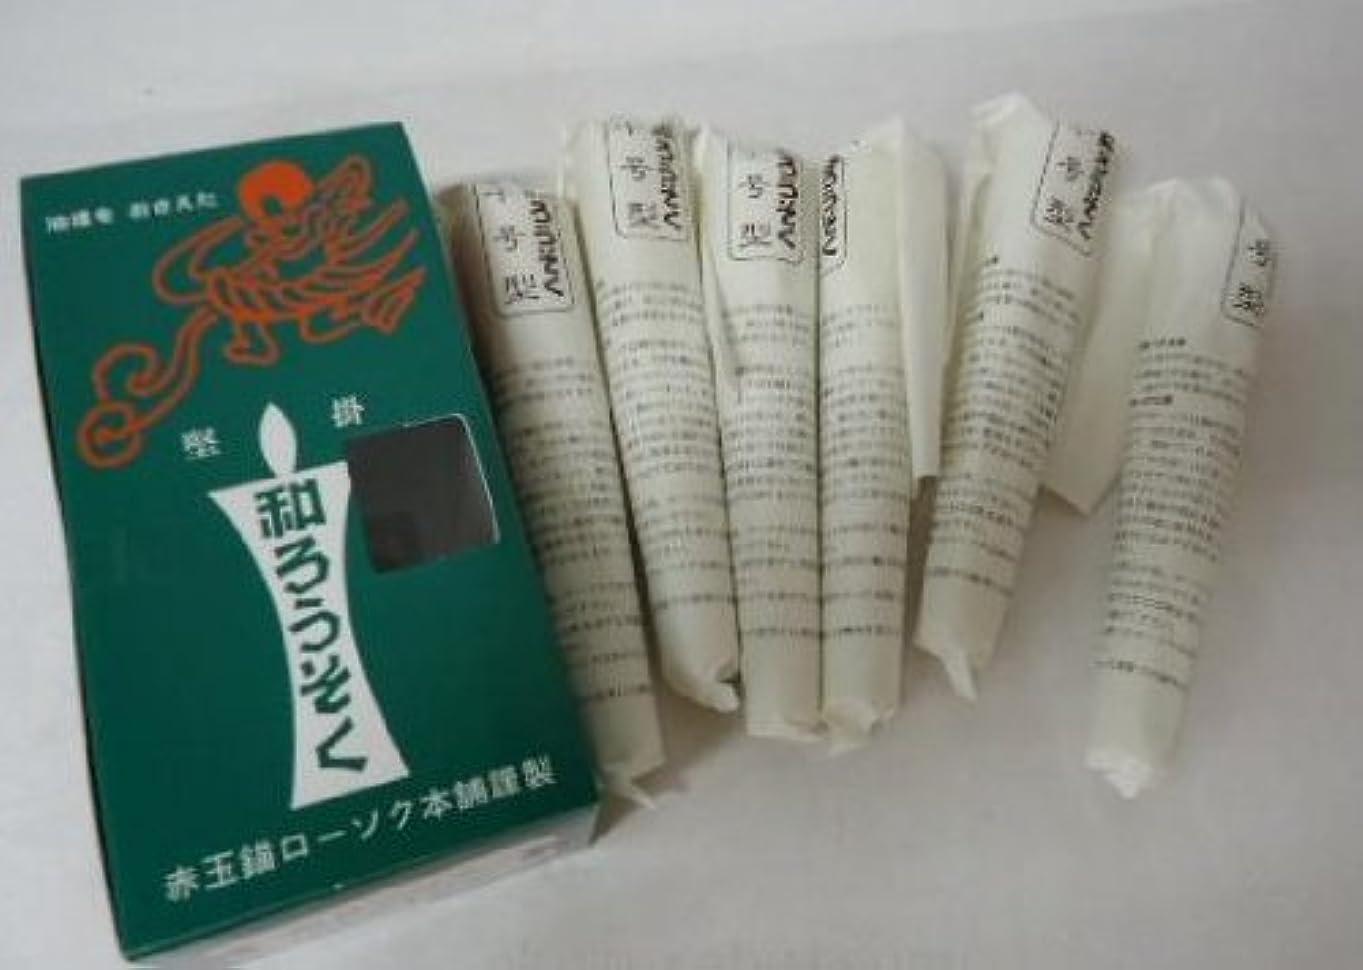 投げ捨てる埋めるマッサージ和ろうそく 型和蝋燭 ローソク イカリ 10号 白 6本入り 約15.5センチ 約3時間20分燃焼